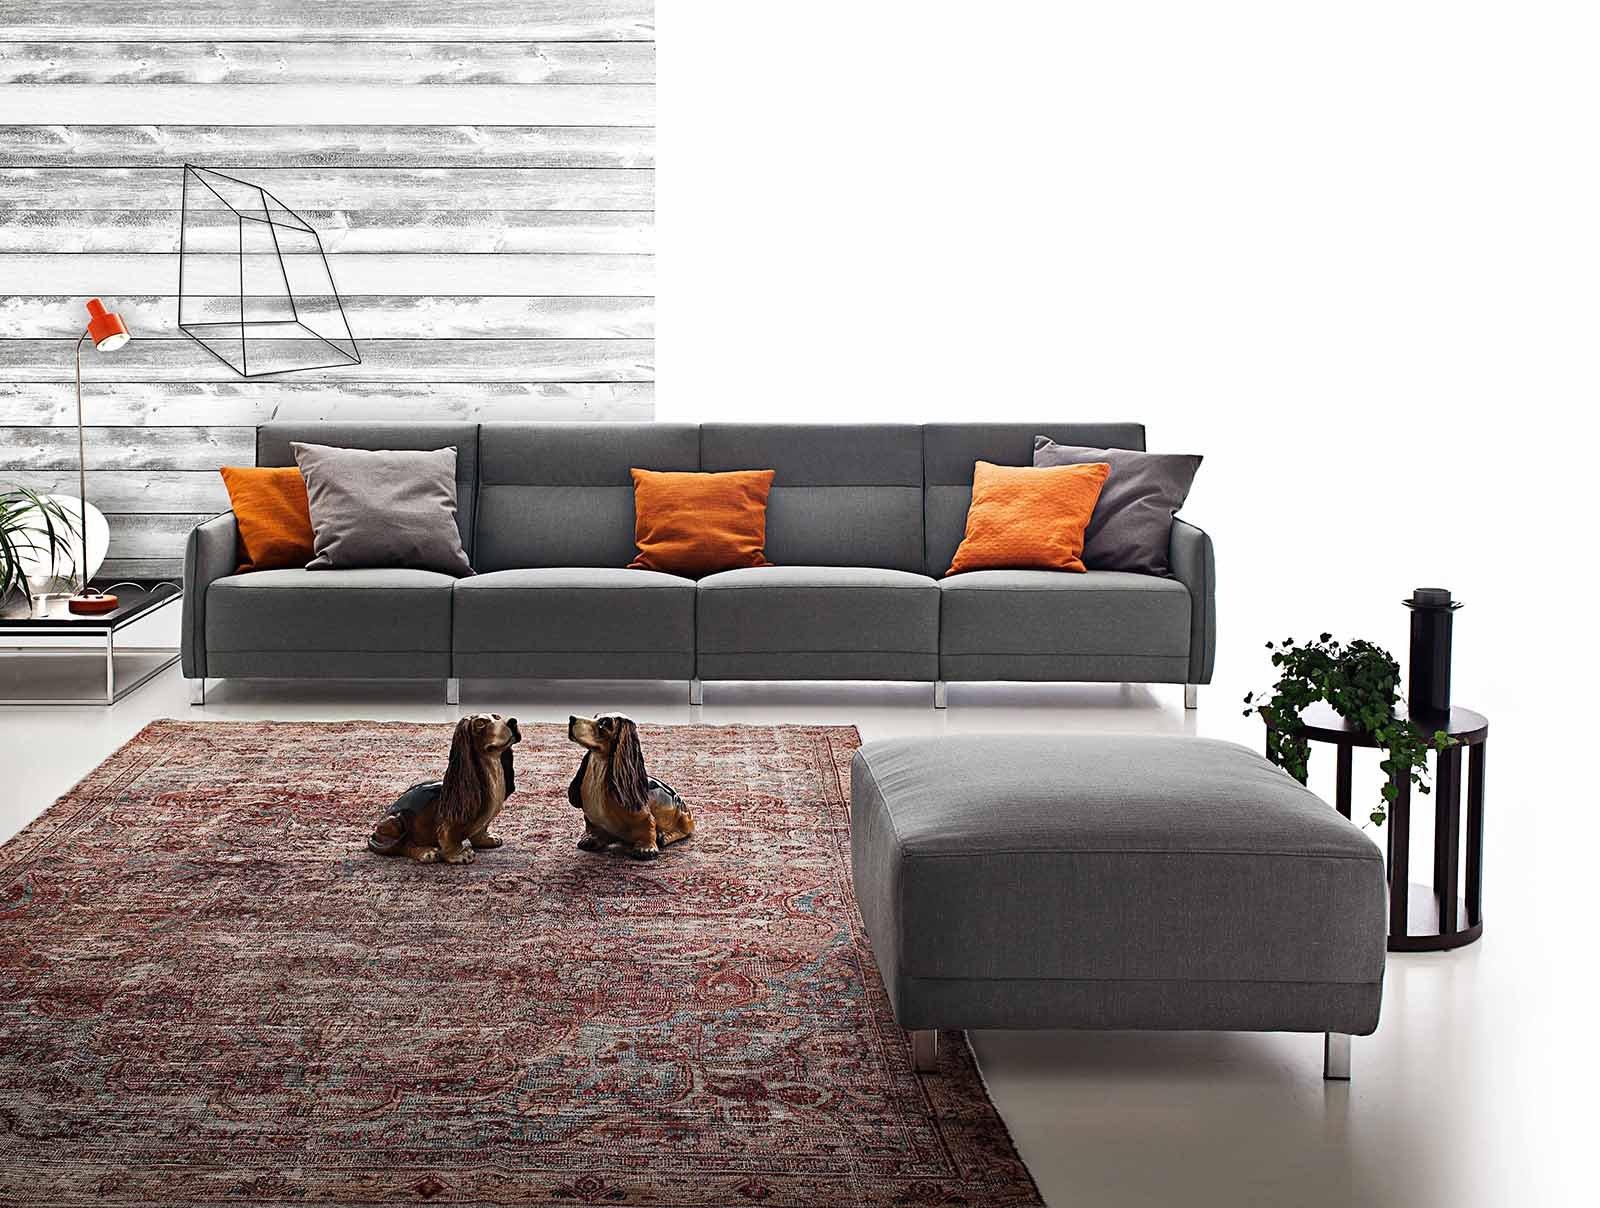 Divani Con Meccanismo Relax divani con meccanismi. per ogni tipo di relax - cose di casa